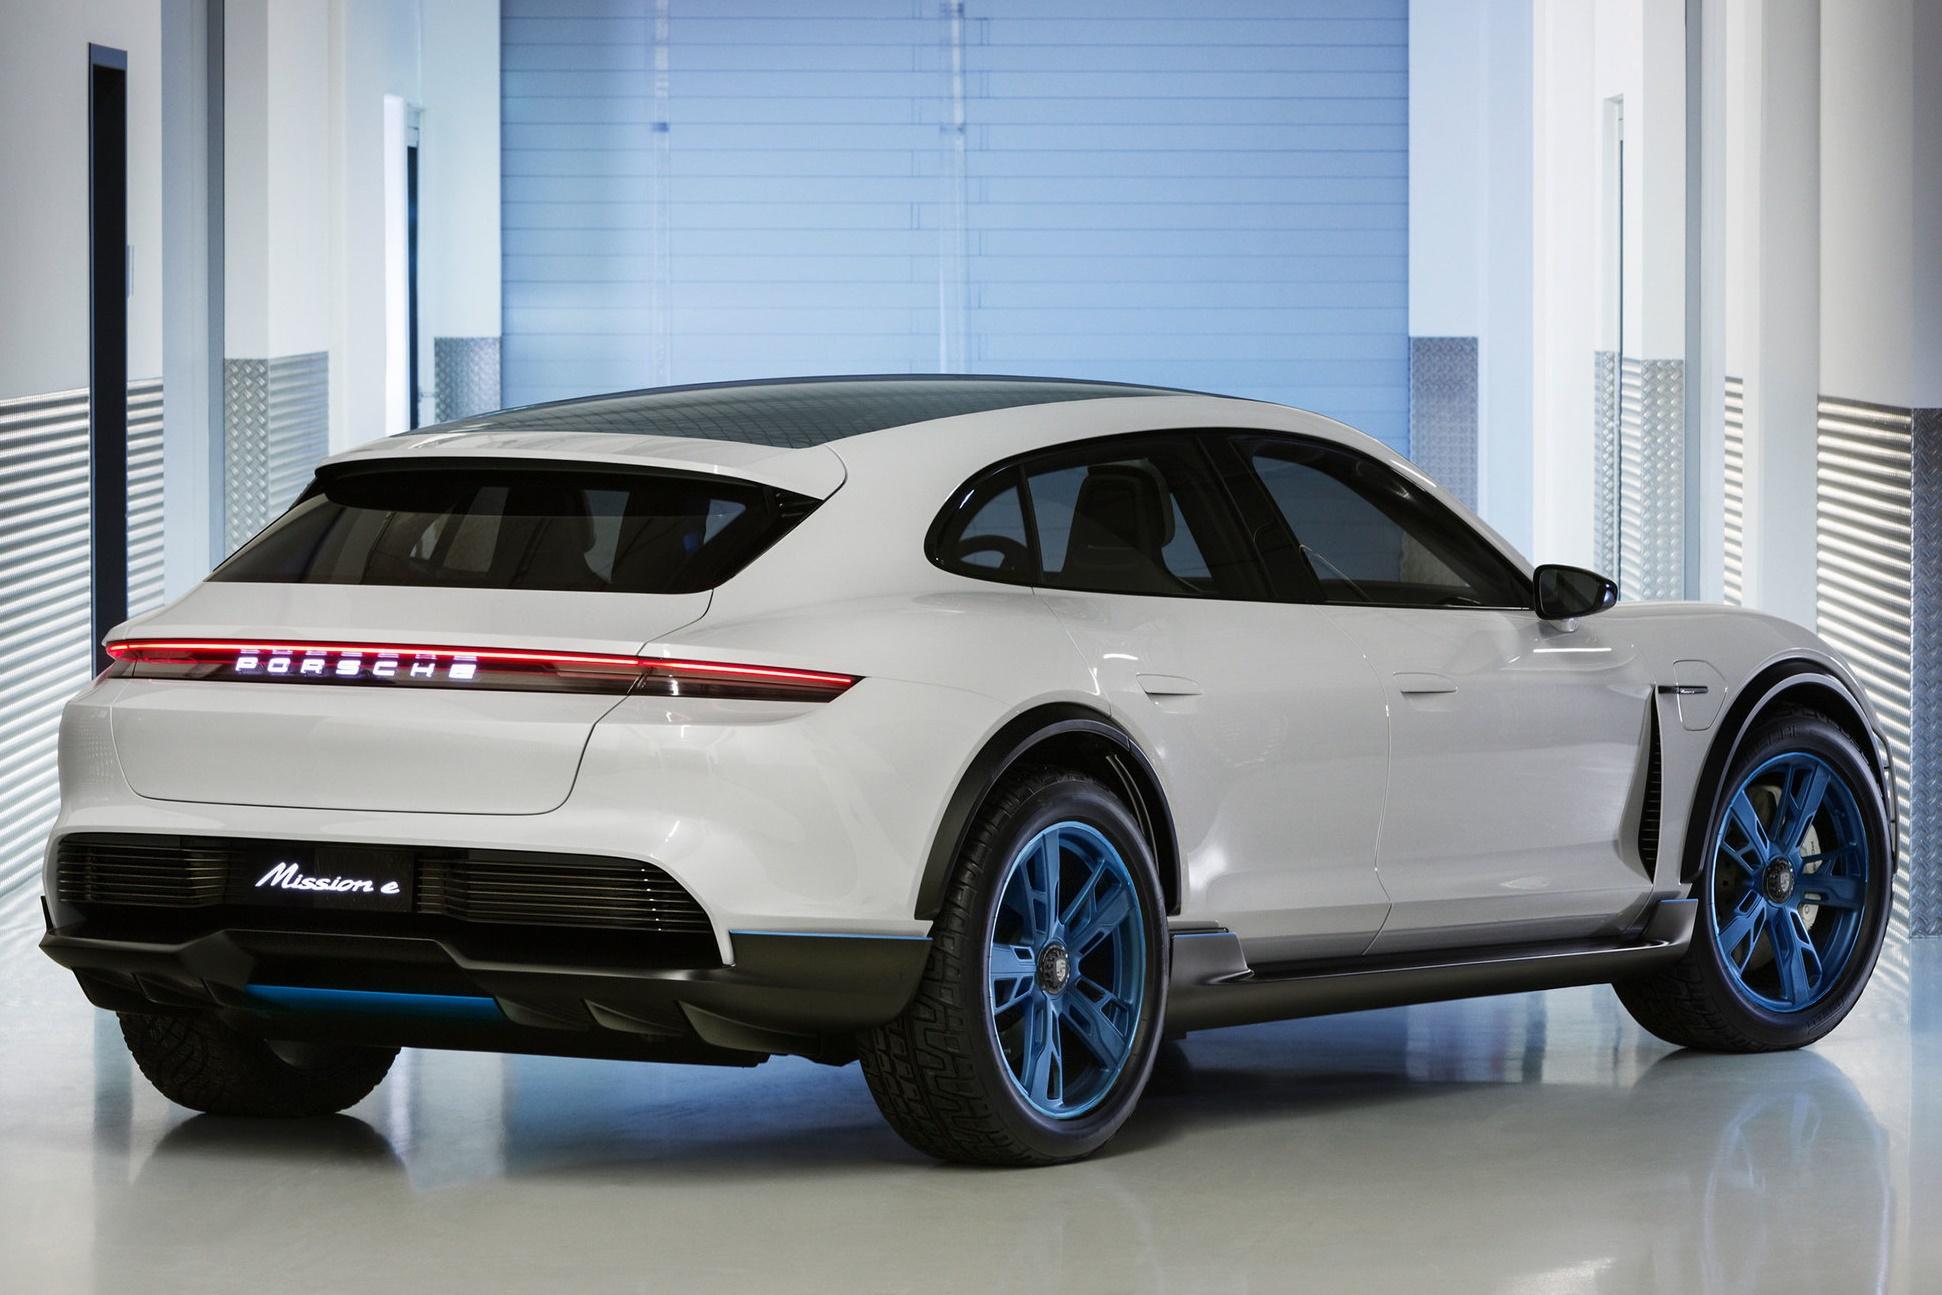 Imagem de Mission E Cross Turismo é a nova SUV elétrica e potente da Porsche no tecmundo